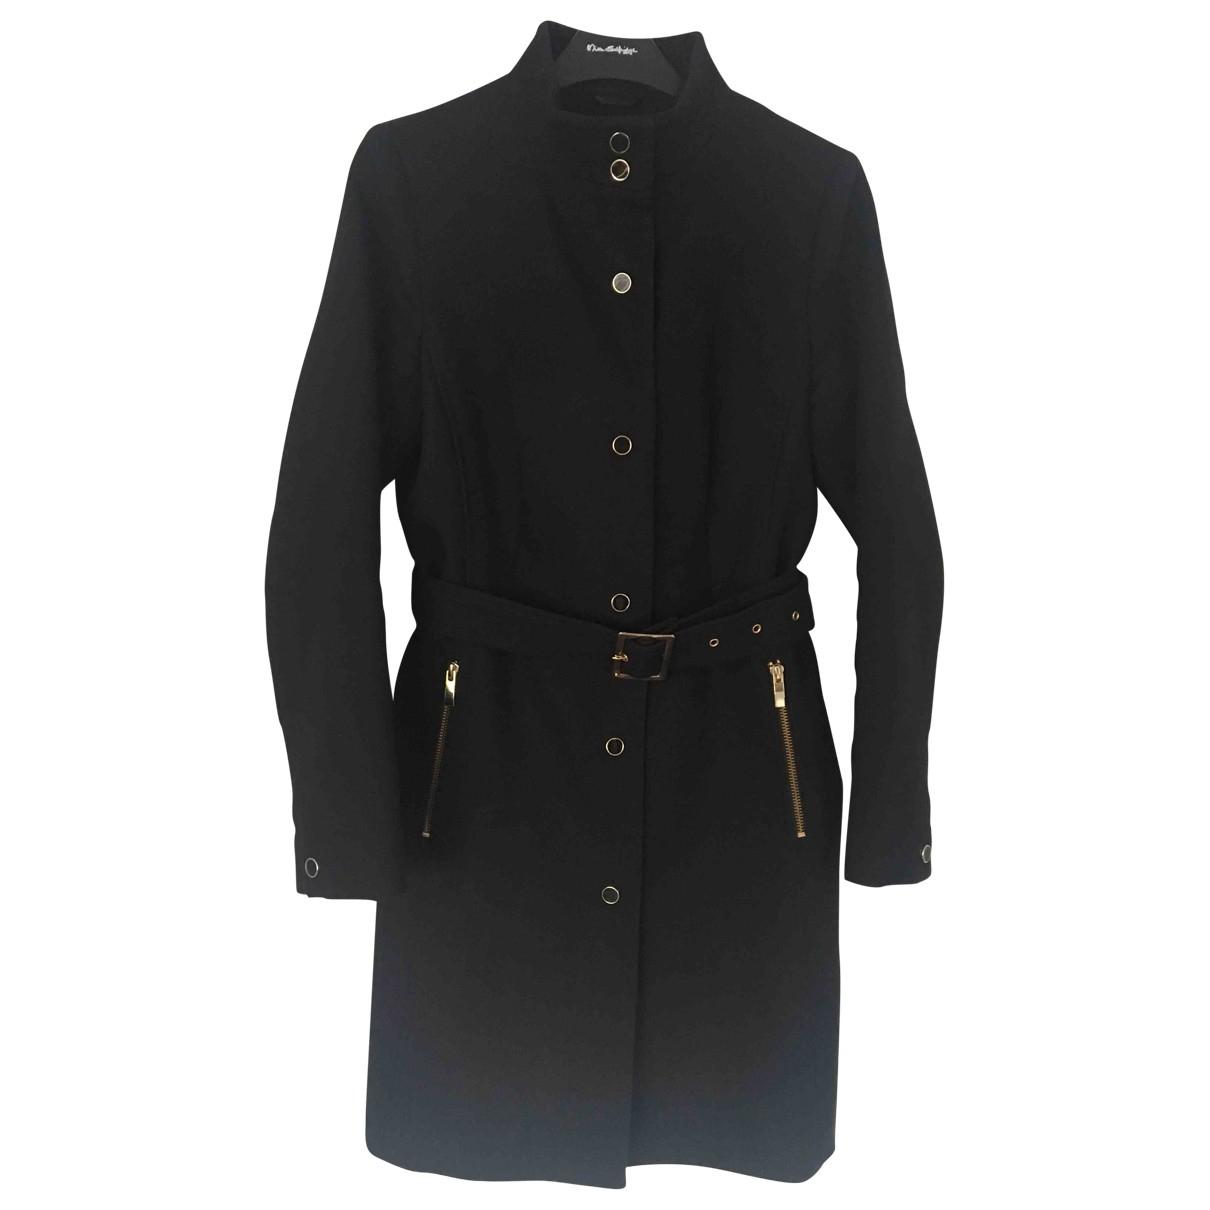 Reiss - Manteau   pour femme en coton - noir